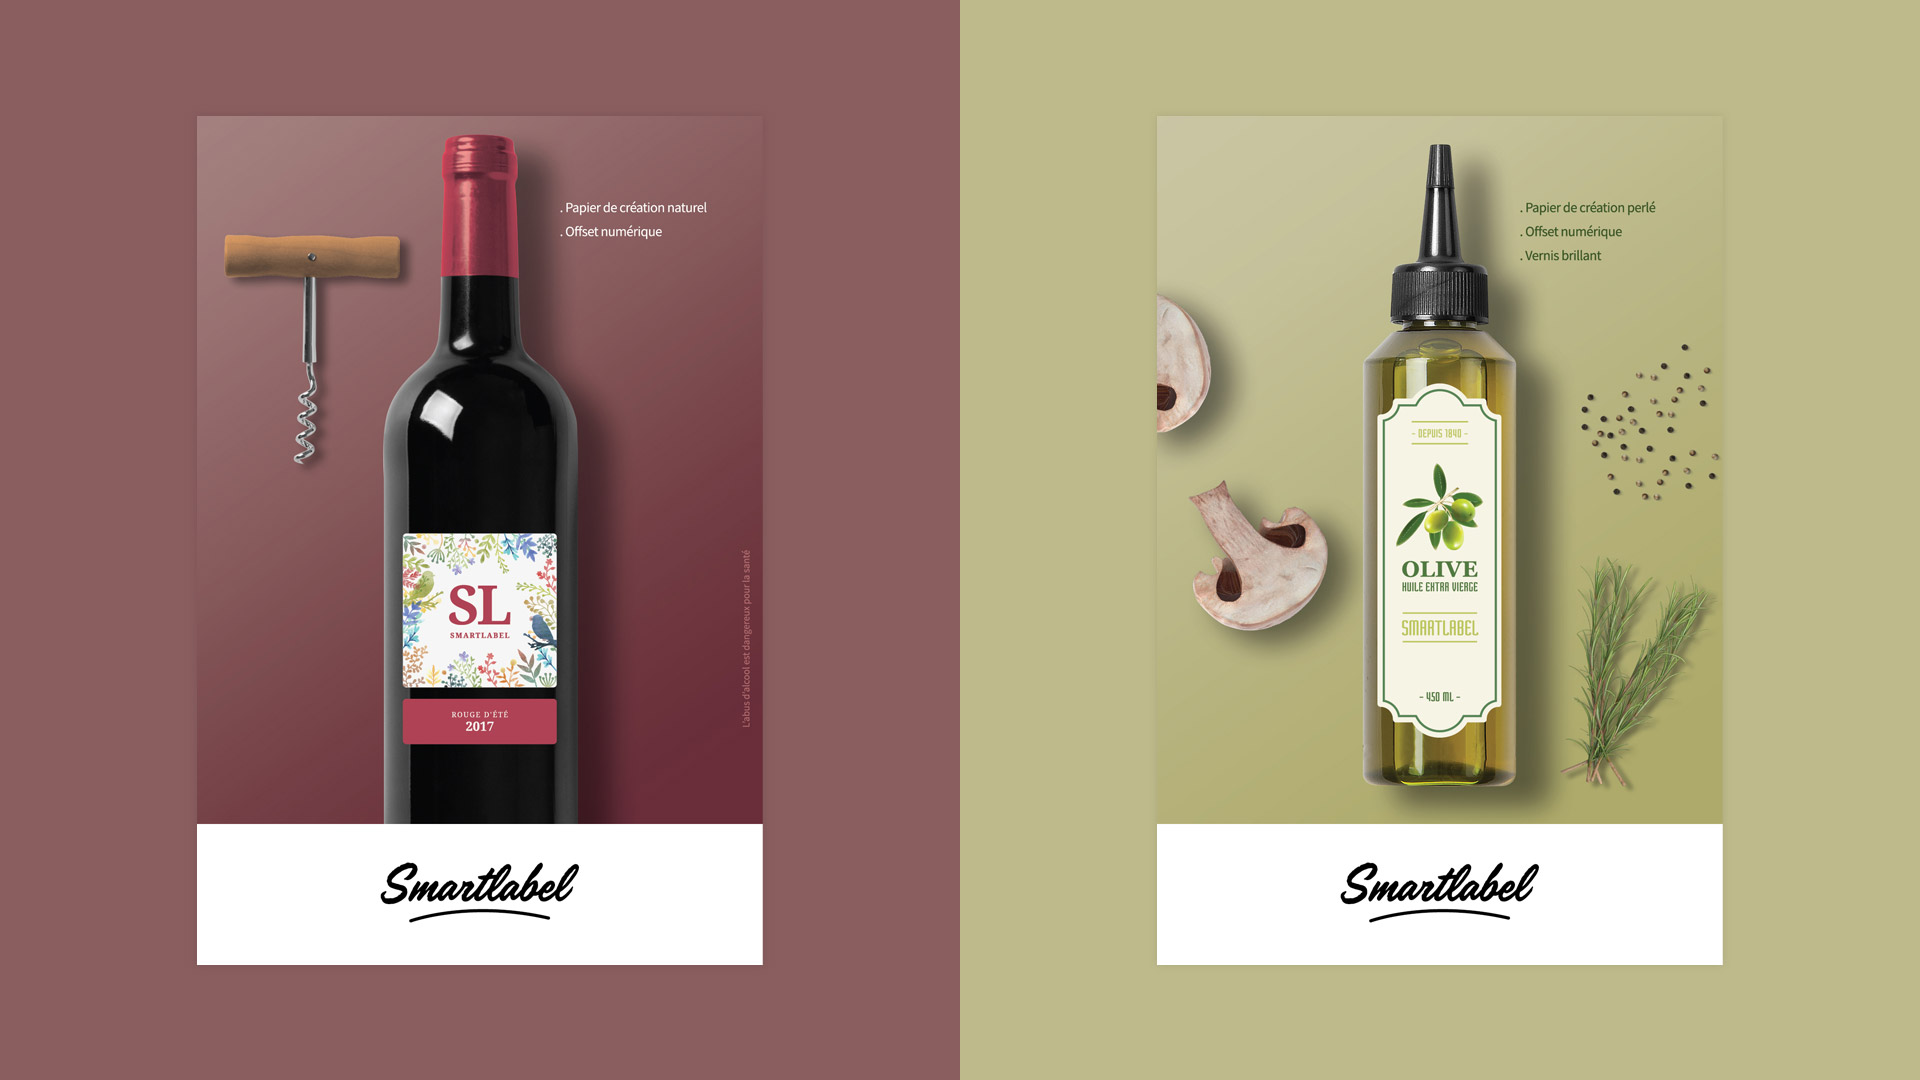 Création étiquettes viticoles oléicoles vin huile olive